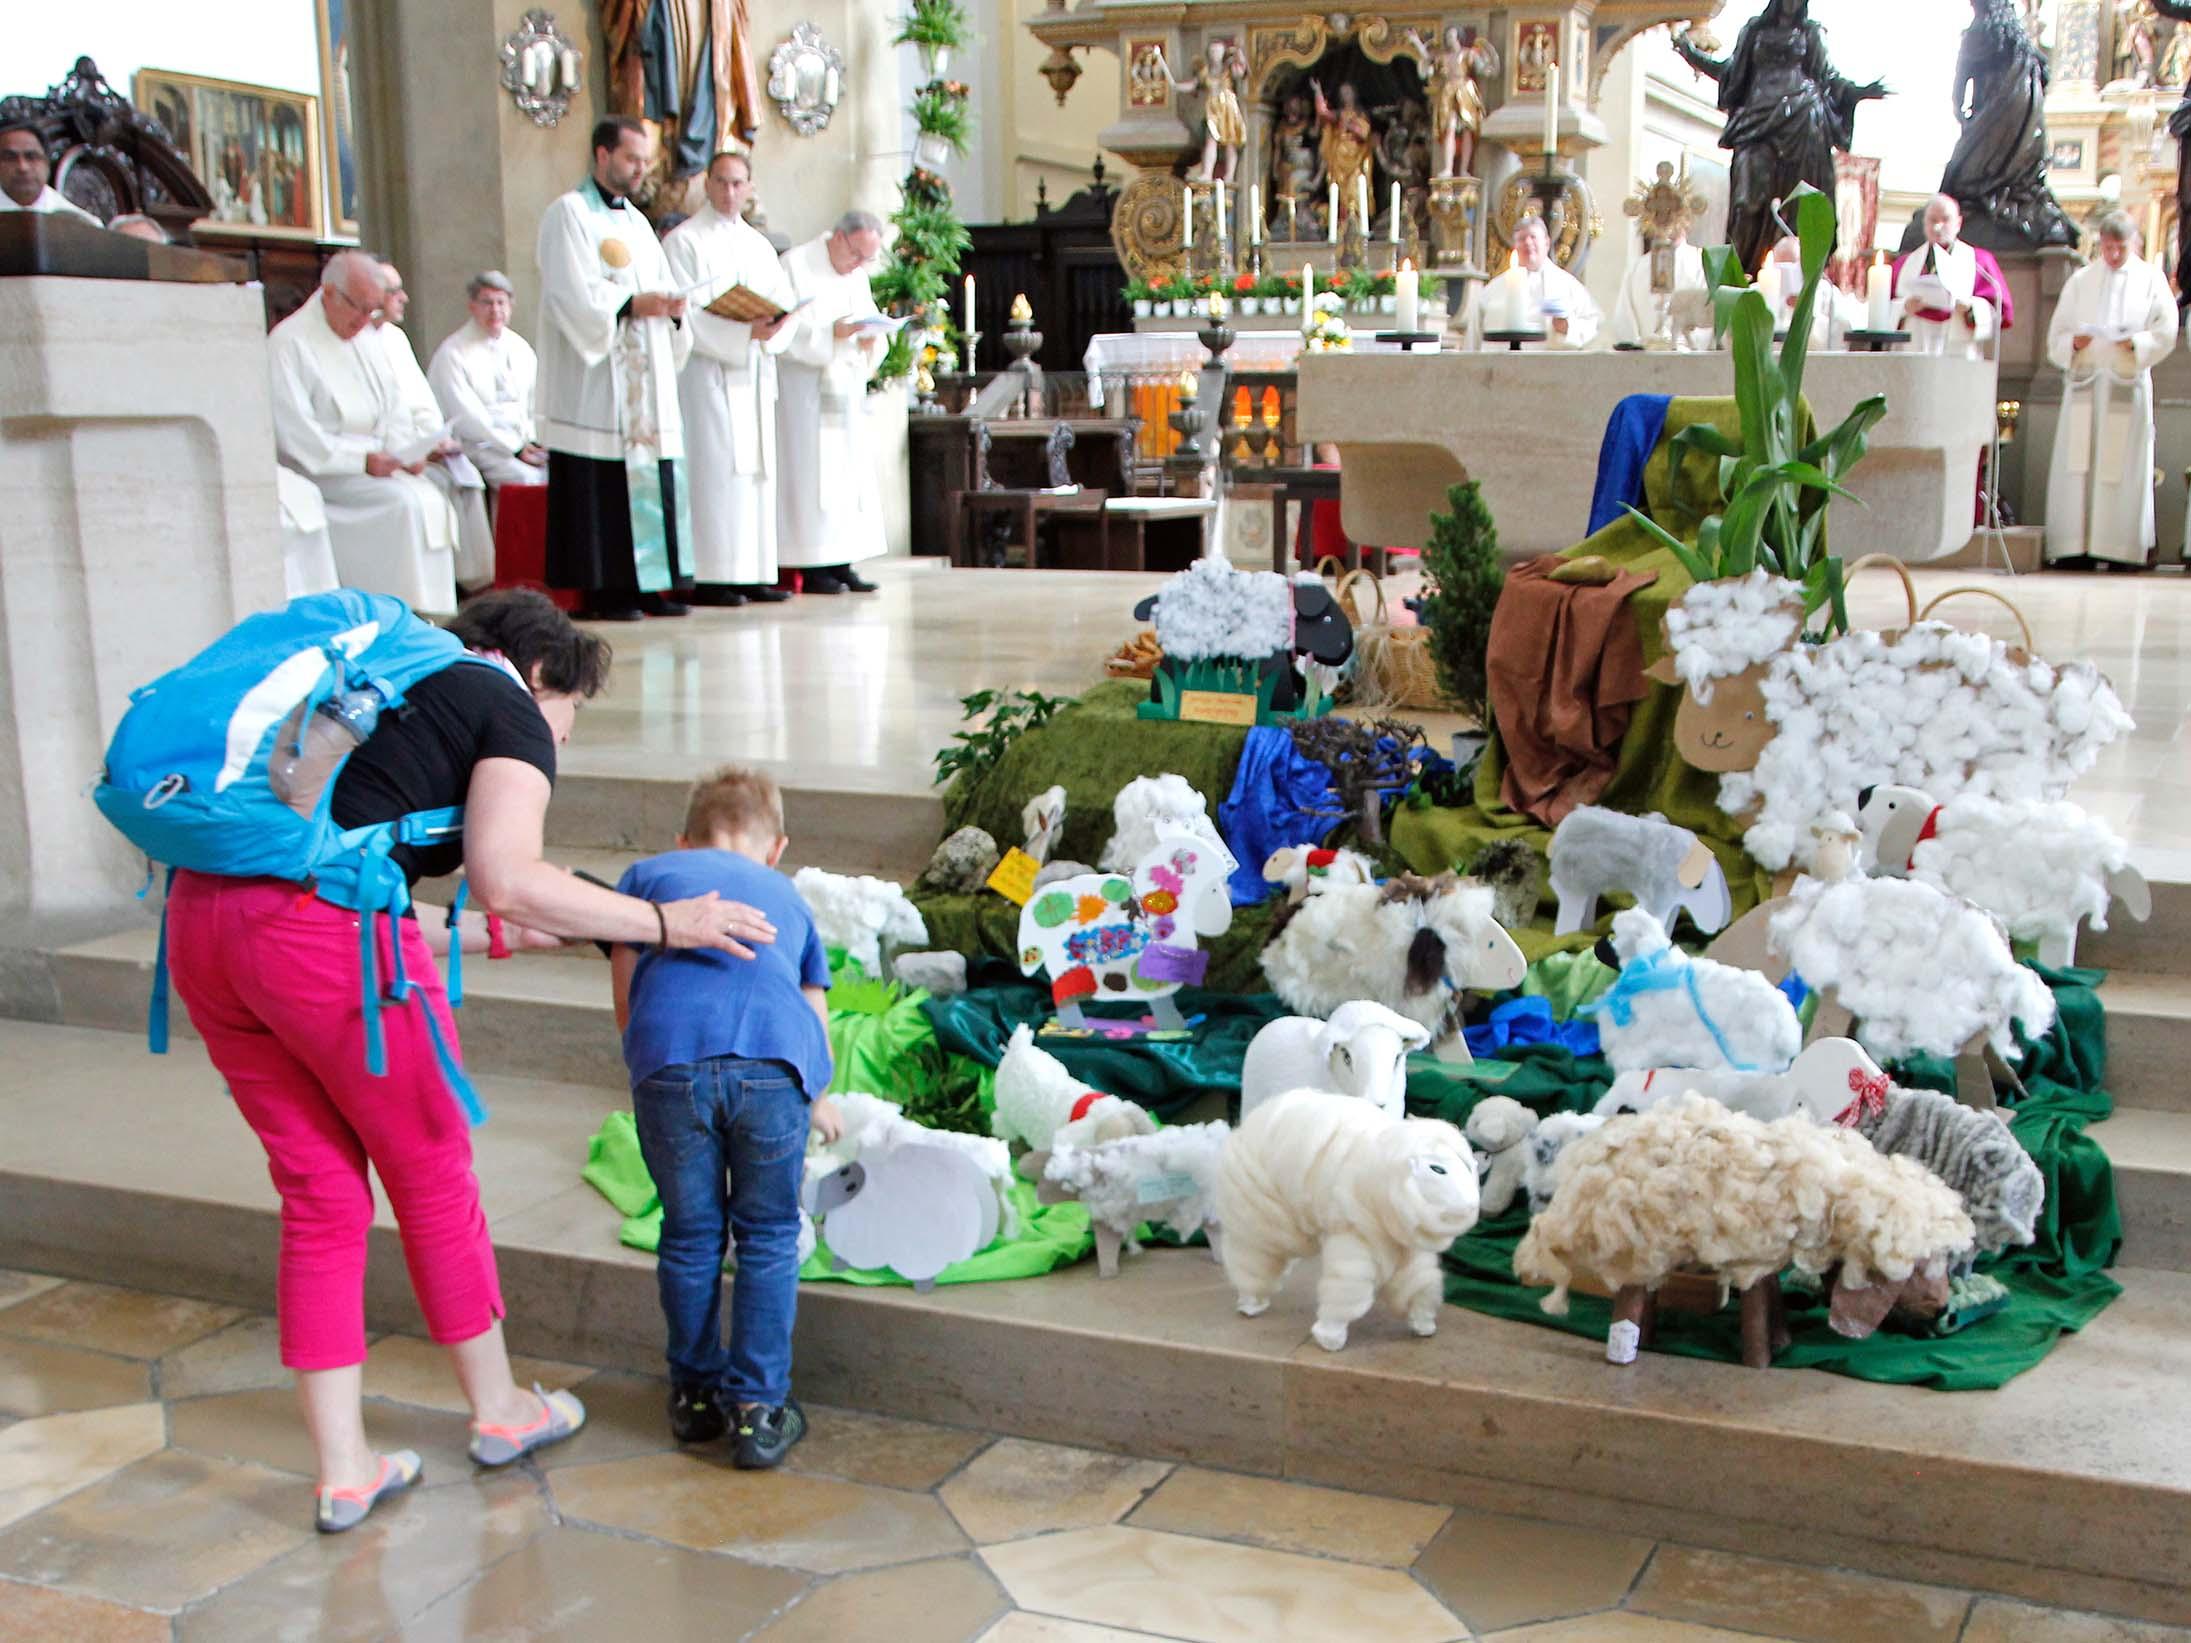 Viele Kinder brachten Schafe als Stofftiere mit in die Basilika und legten sie vor dem Altar ab. Sie sollten ein Zeichen dafür sein, dass sie wie die echten Schafe auch einen guten Hirten für ihren Lebensweg brauchen. (Foto: Bernhard Gattner / Caritas Augsburg)